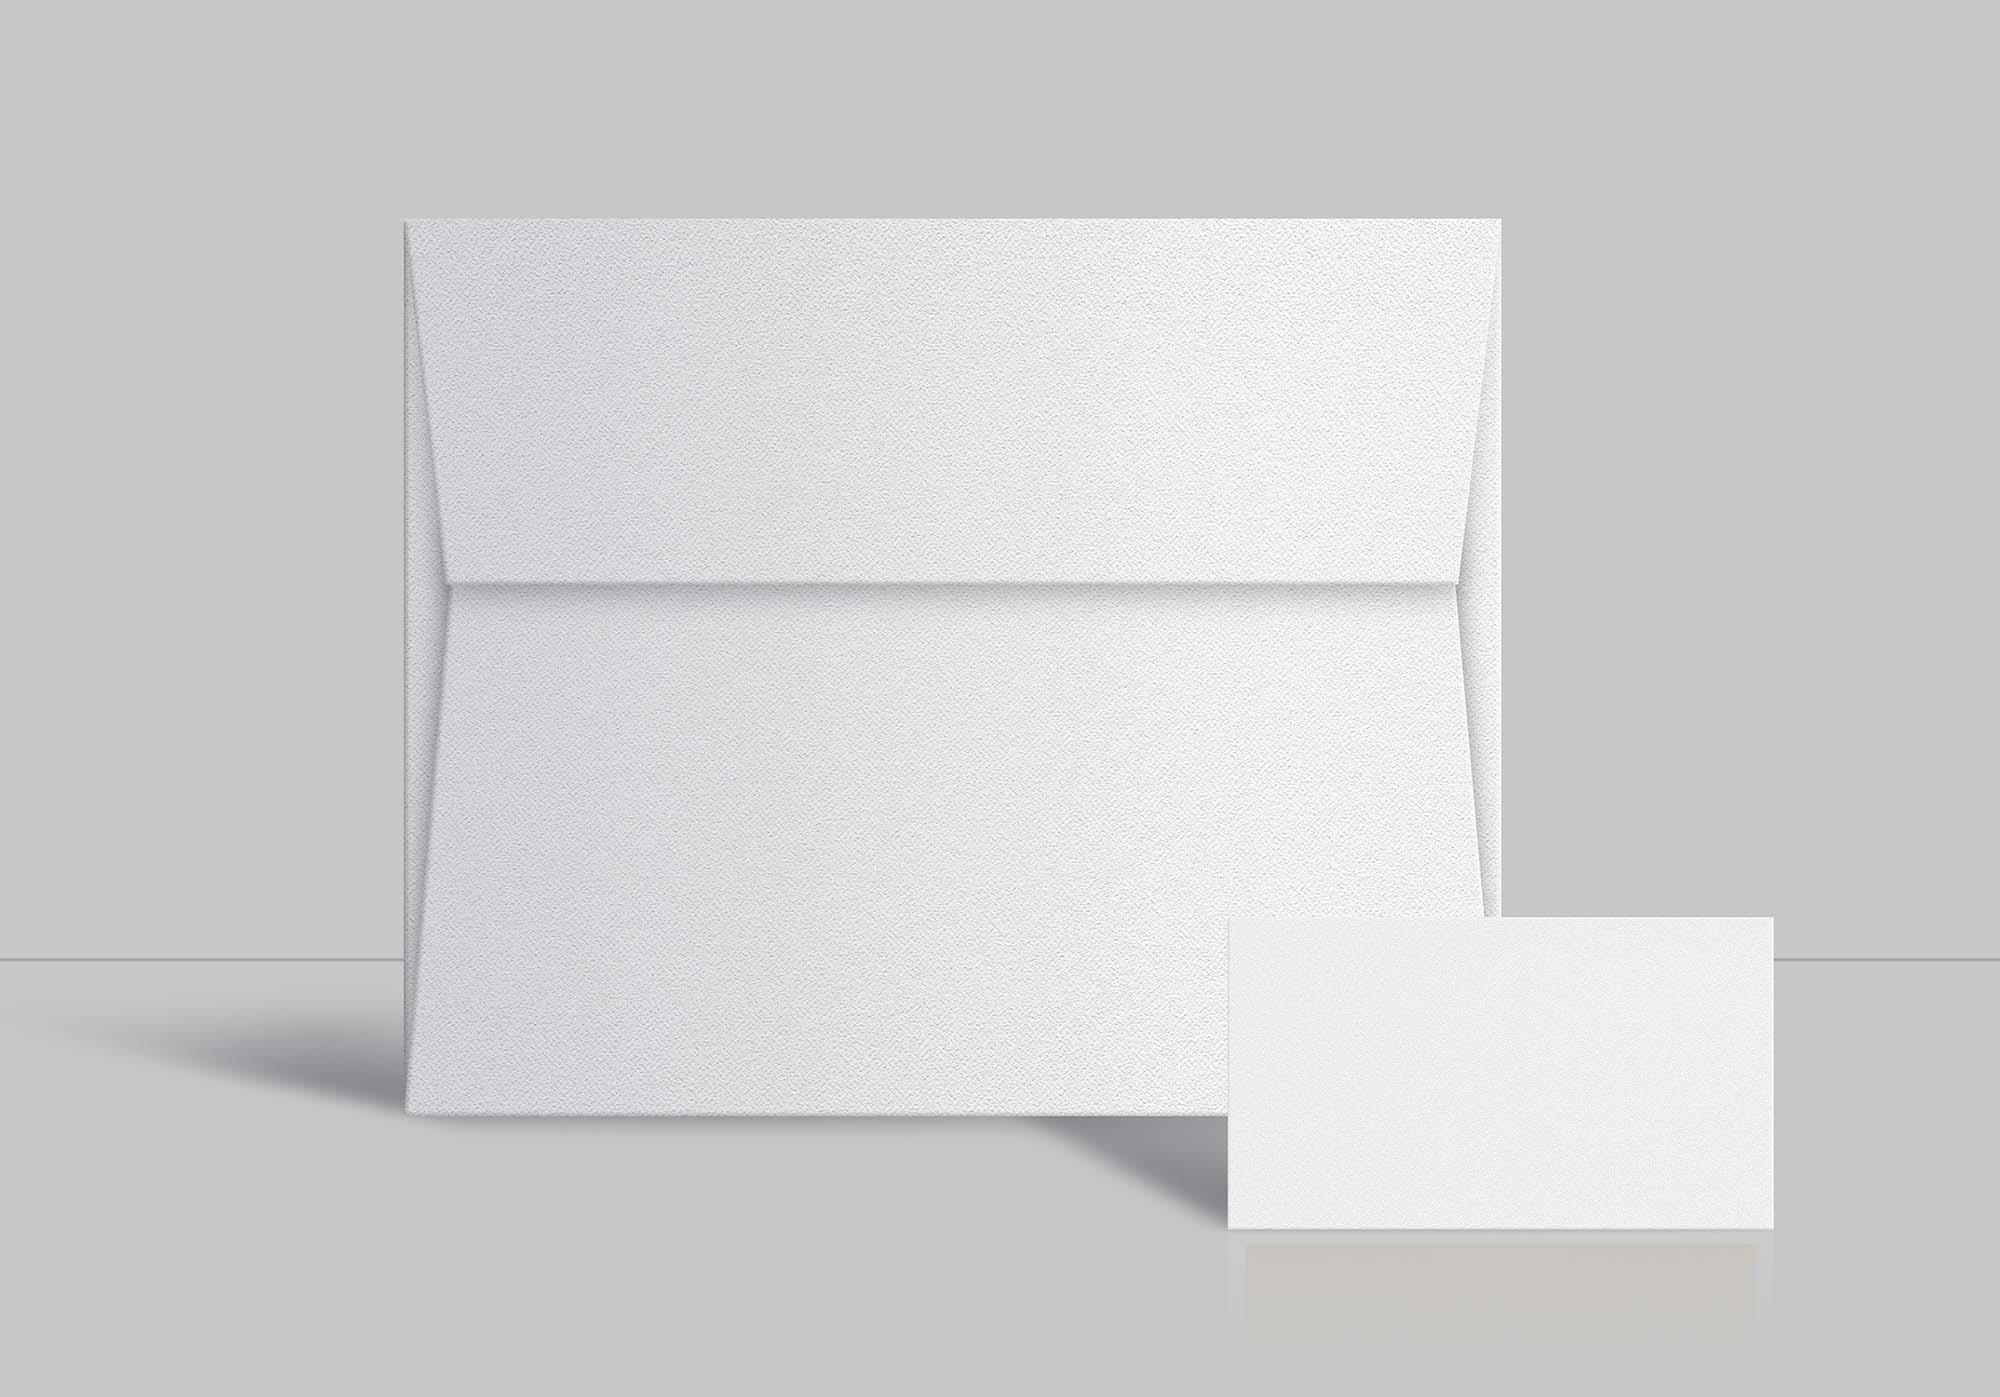 Envelope & Business Card Mockup 2